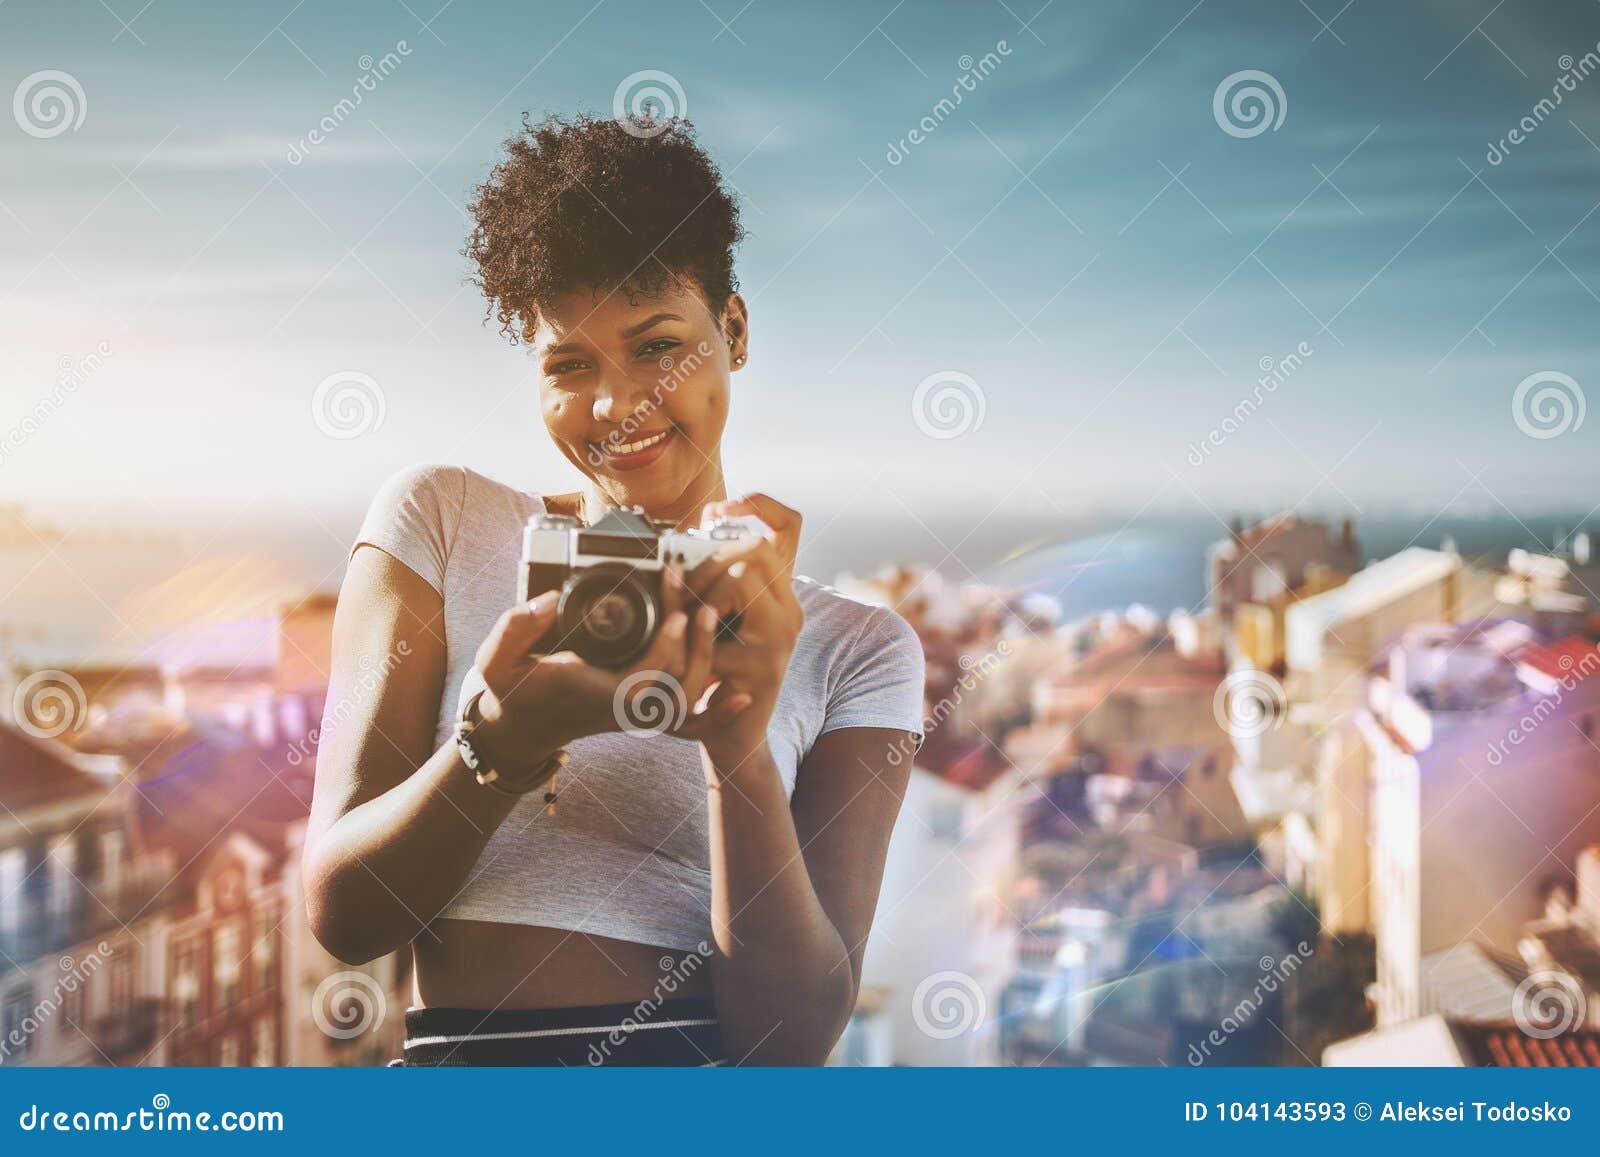 Εικόνα του μαύρου κορίτσι